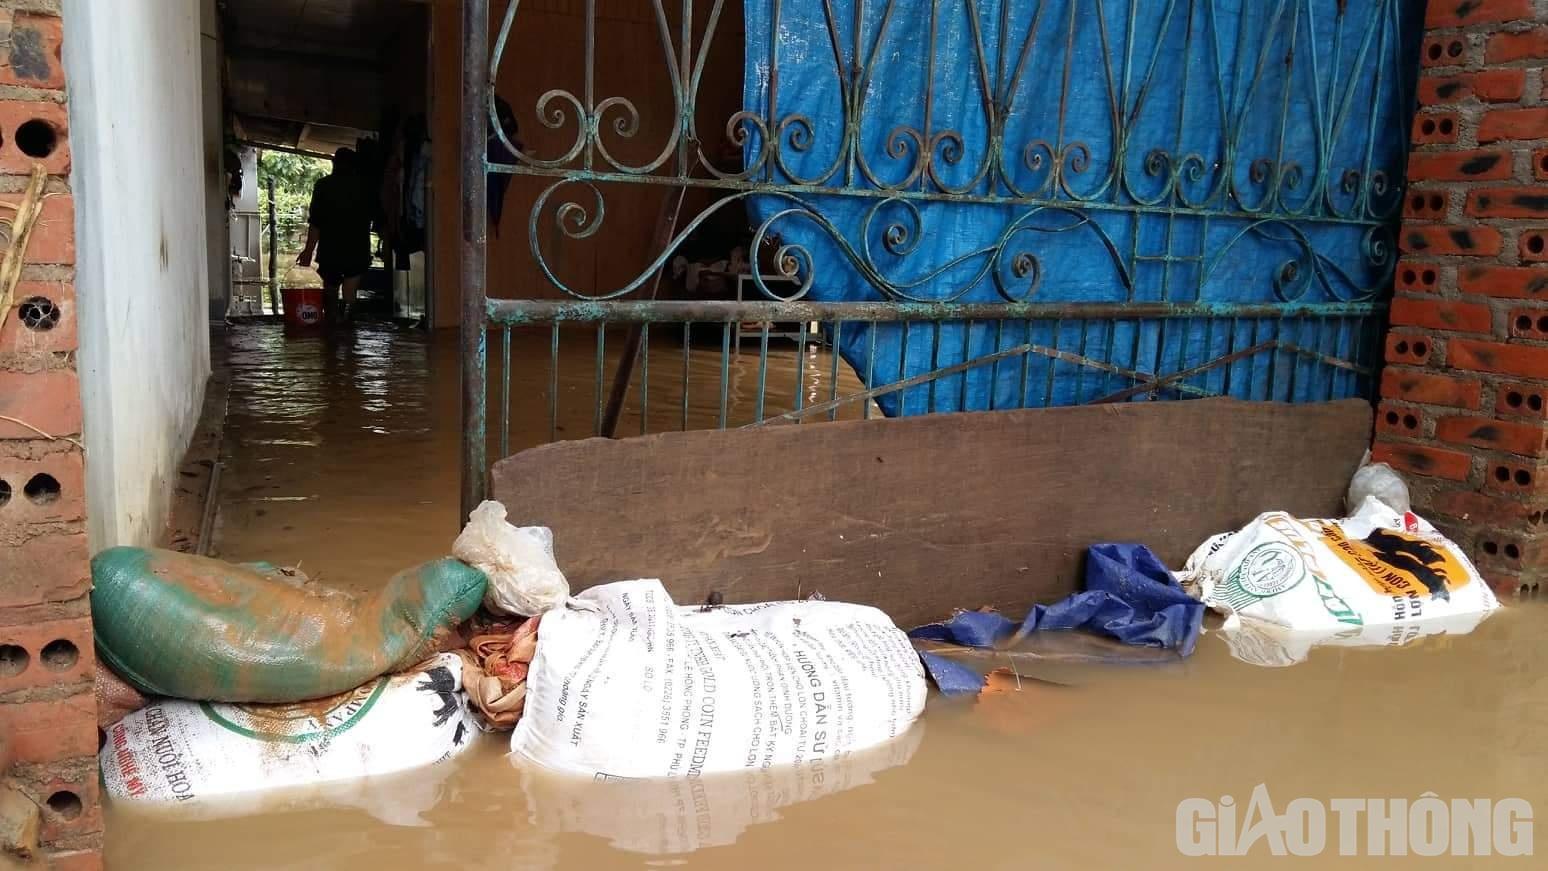 Mưa lũ khiến 1 người chết, hàng trăm ngôi nhà ở Sơn La bị ngập sâu - Ảnh 6